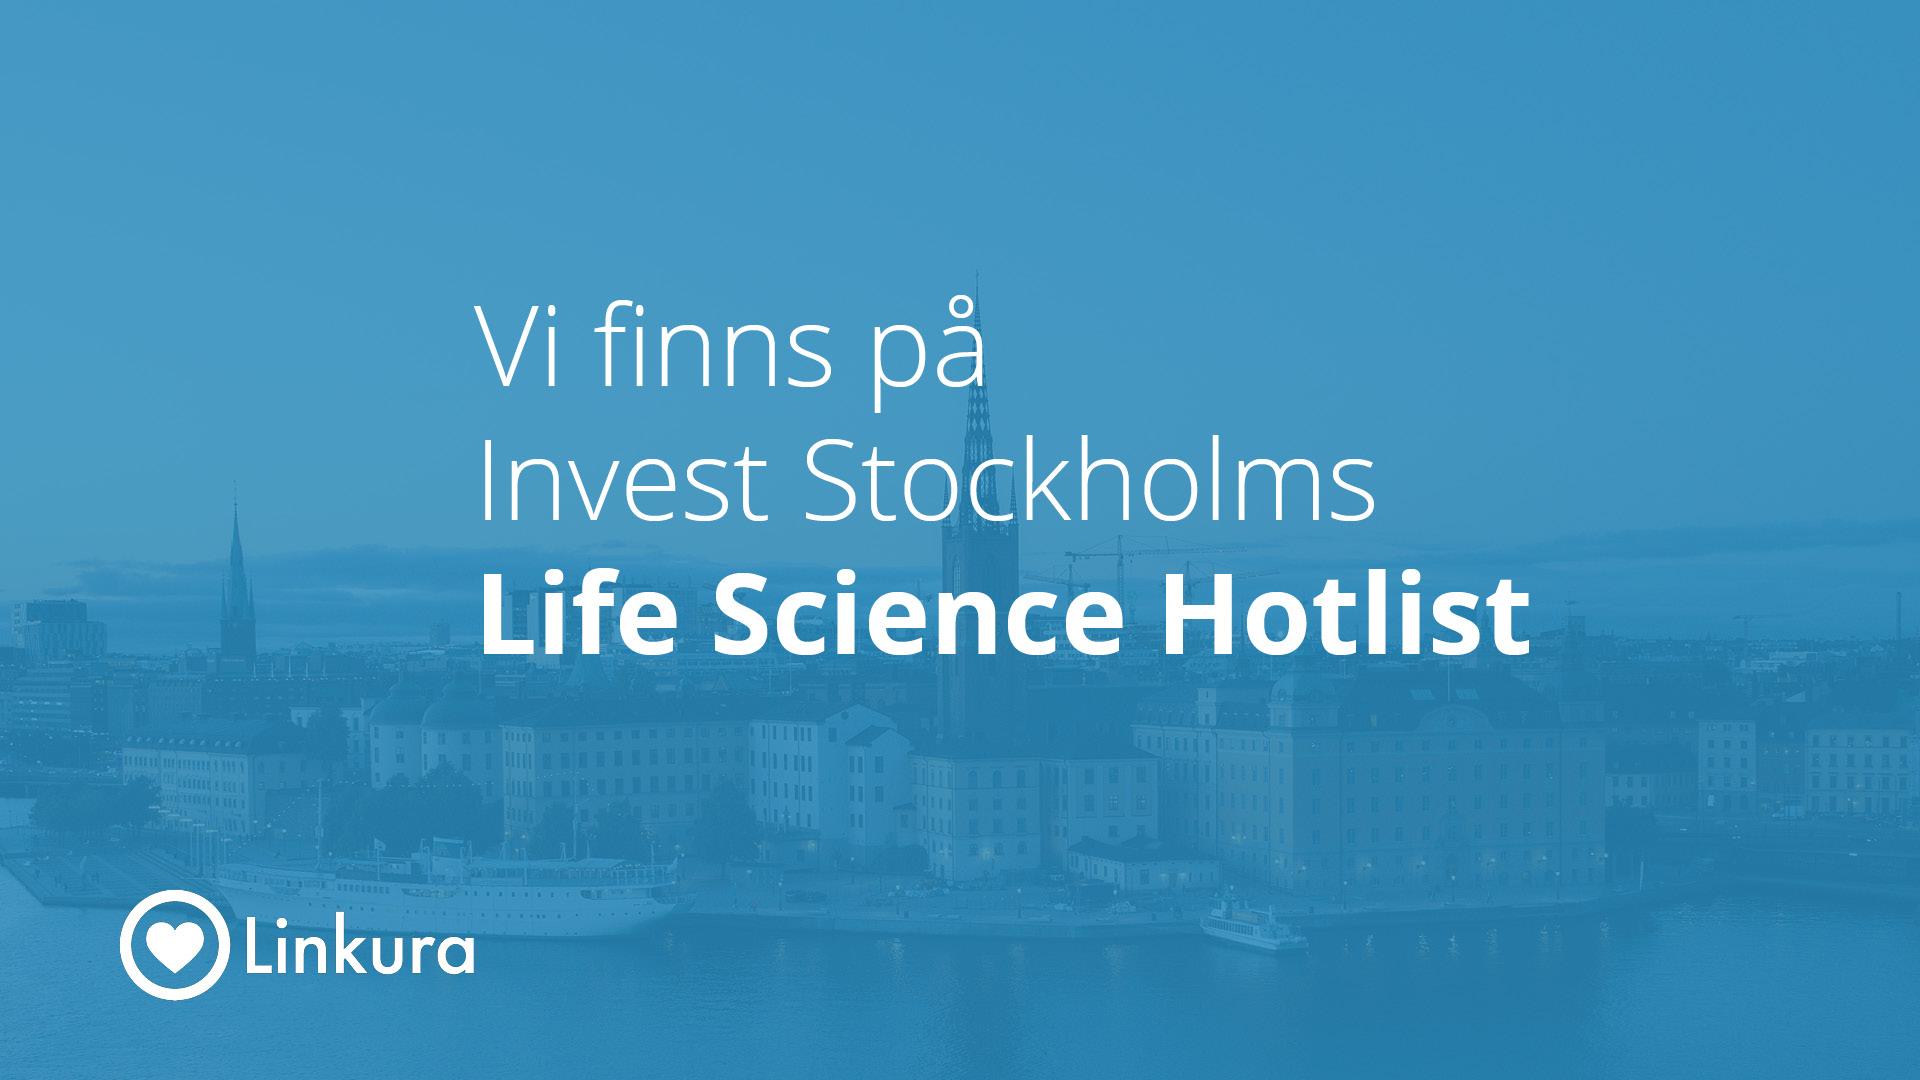 Linkura antagna på Invest Stockholms Life Science Hotlist